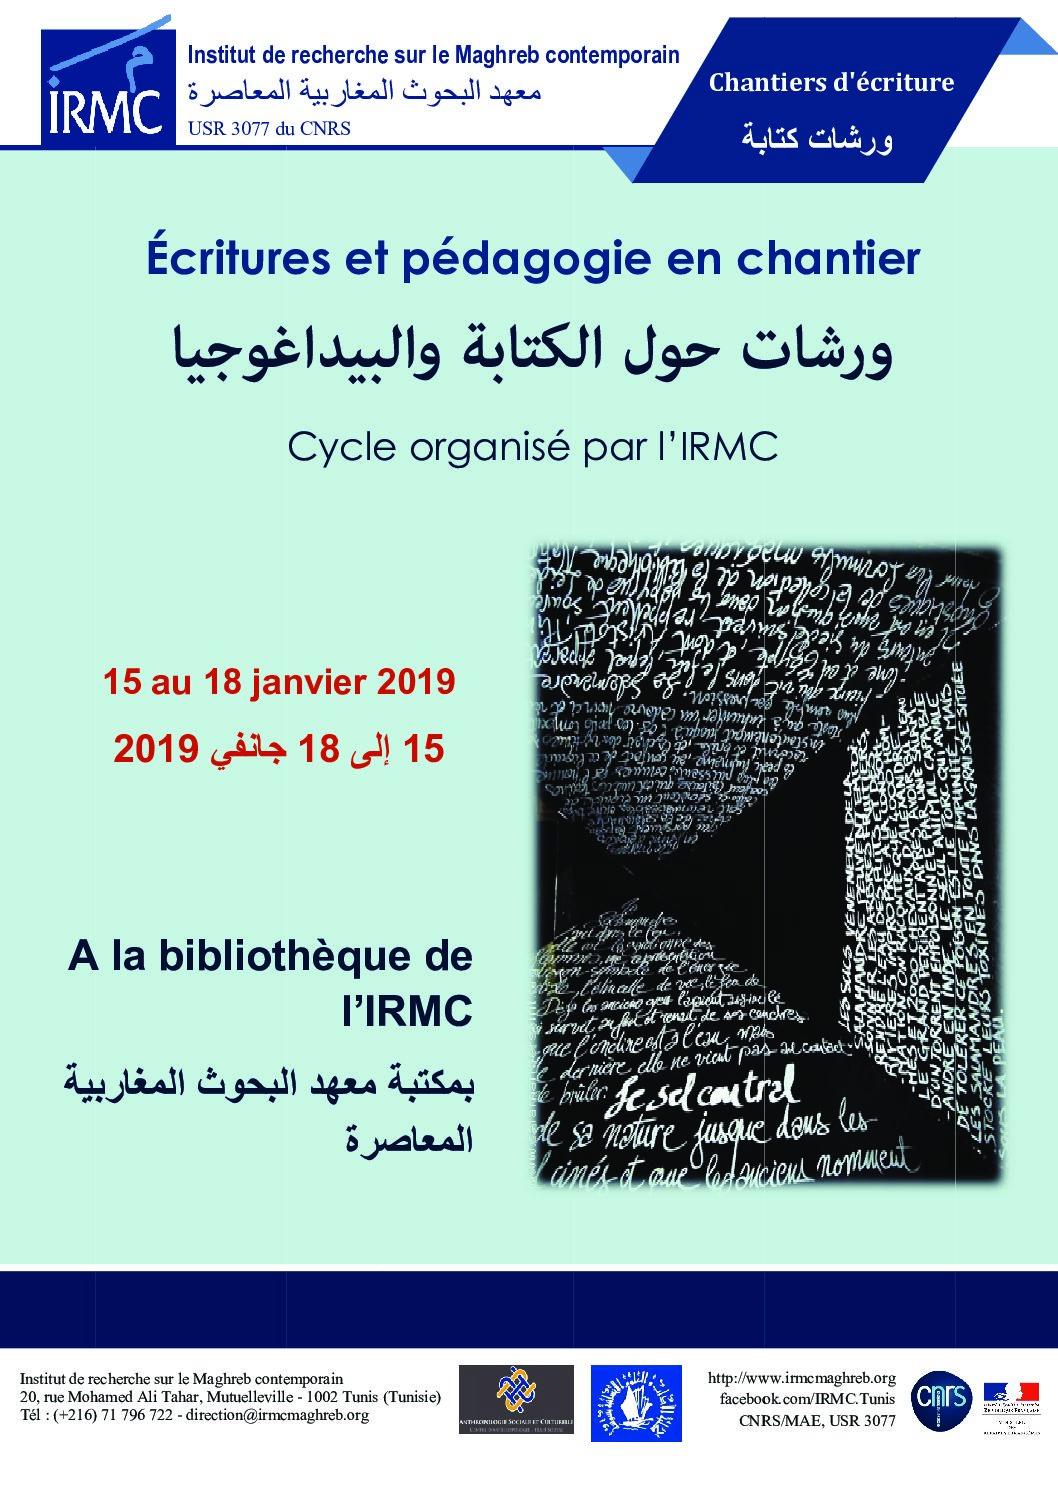 Écritures et pédagogie en chantier, session intensive du 15 au 18 janvier 2019 à l'IRMC